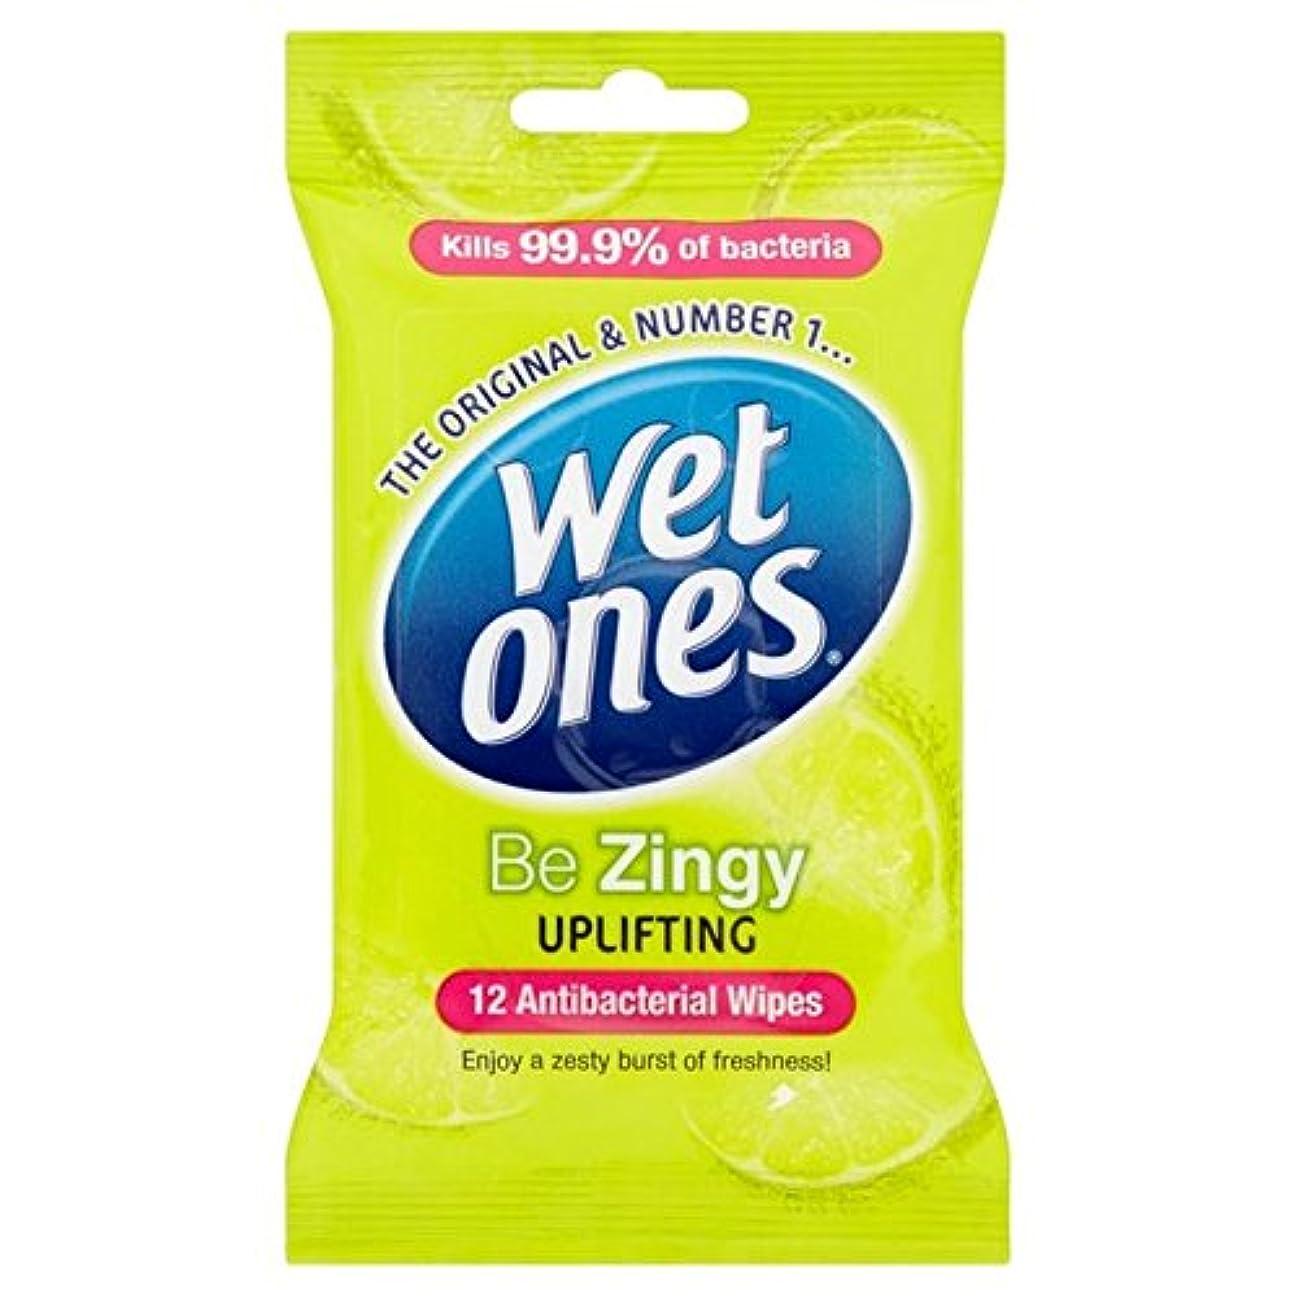 接続されたプロジェクター吹雪抗バクテリアをクレンジング湿ったものはパックごとに12ワイプ x4 - Wet Ones Cleansing Anti Bacterial Wipes 12 per pack (Pack of 4) [並行輸入品]